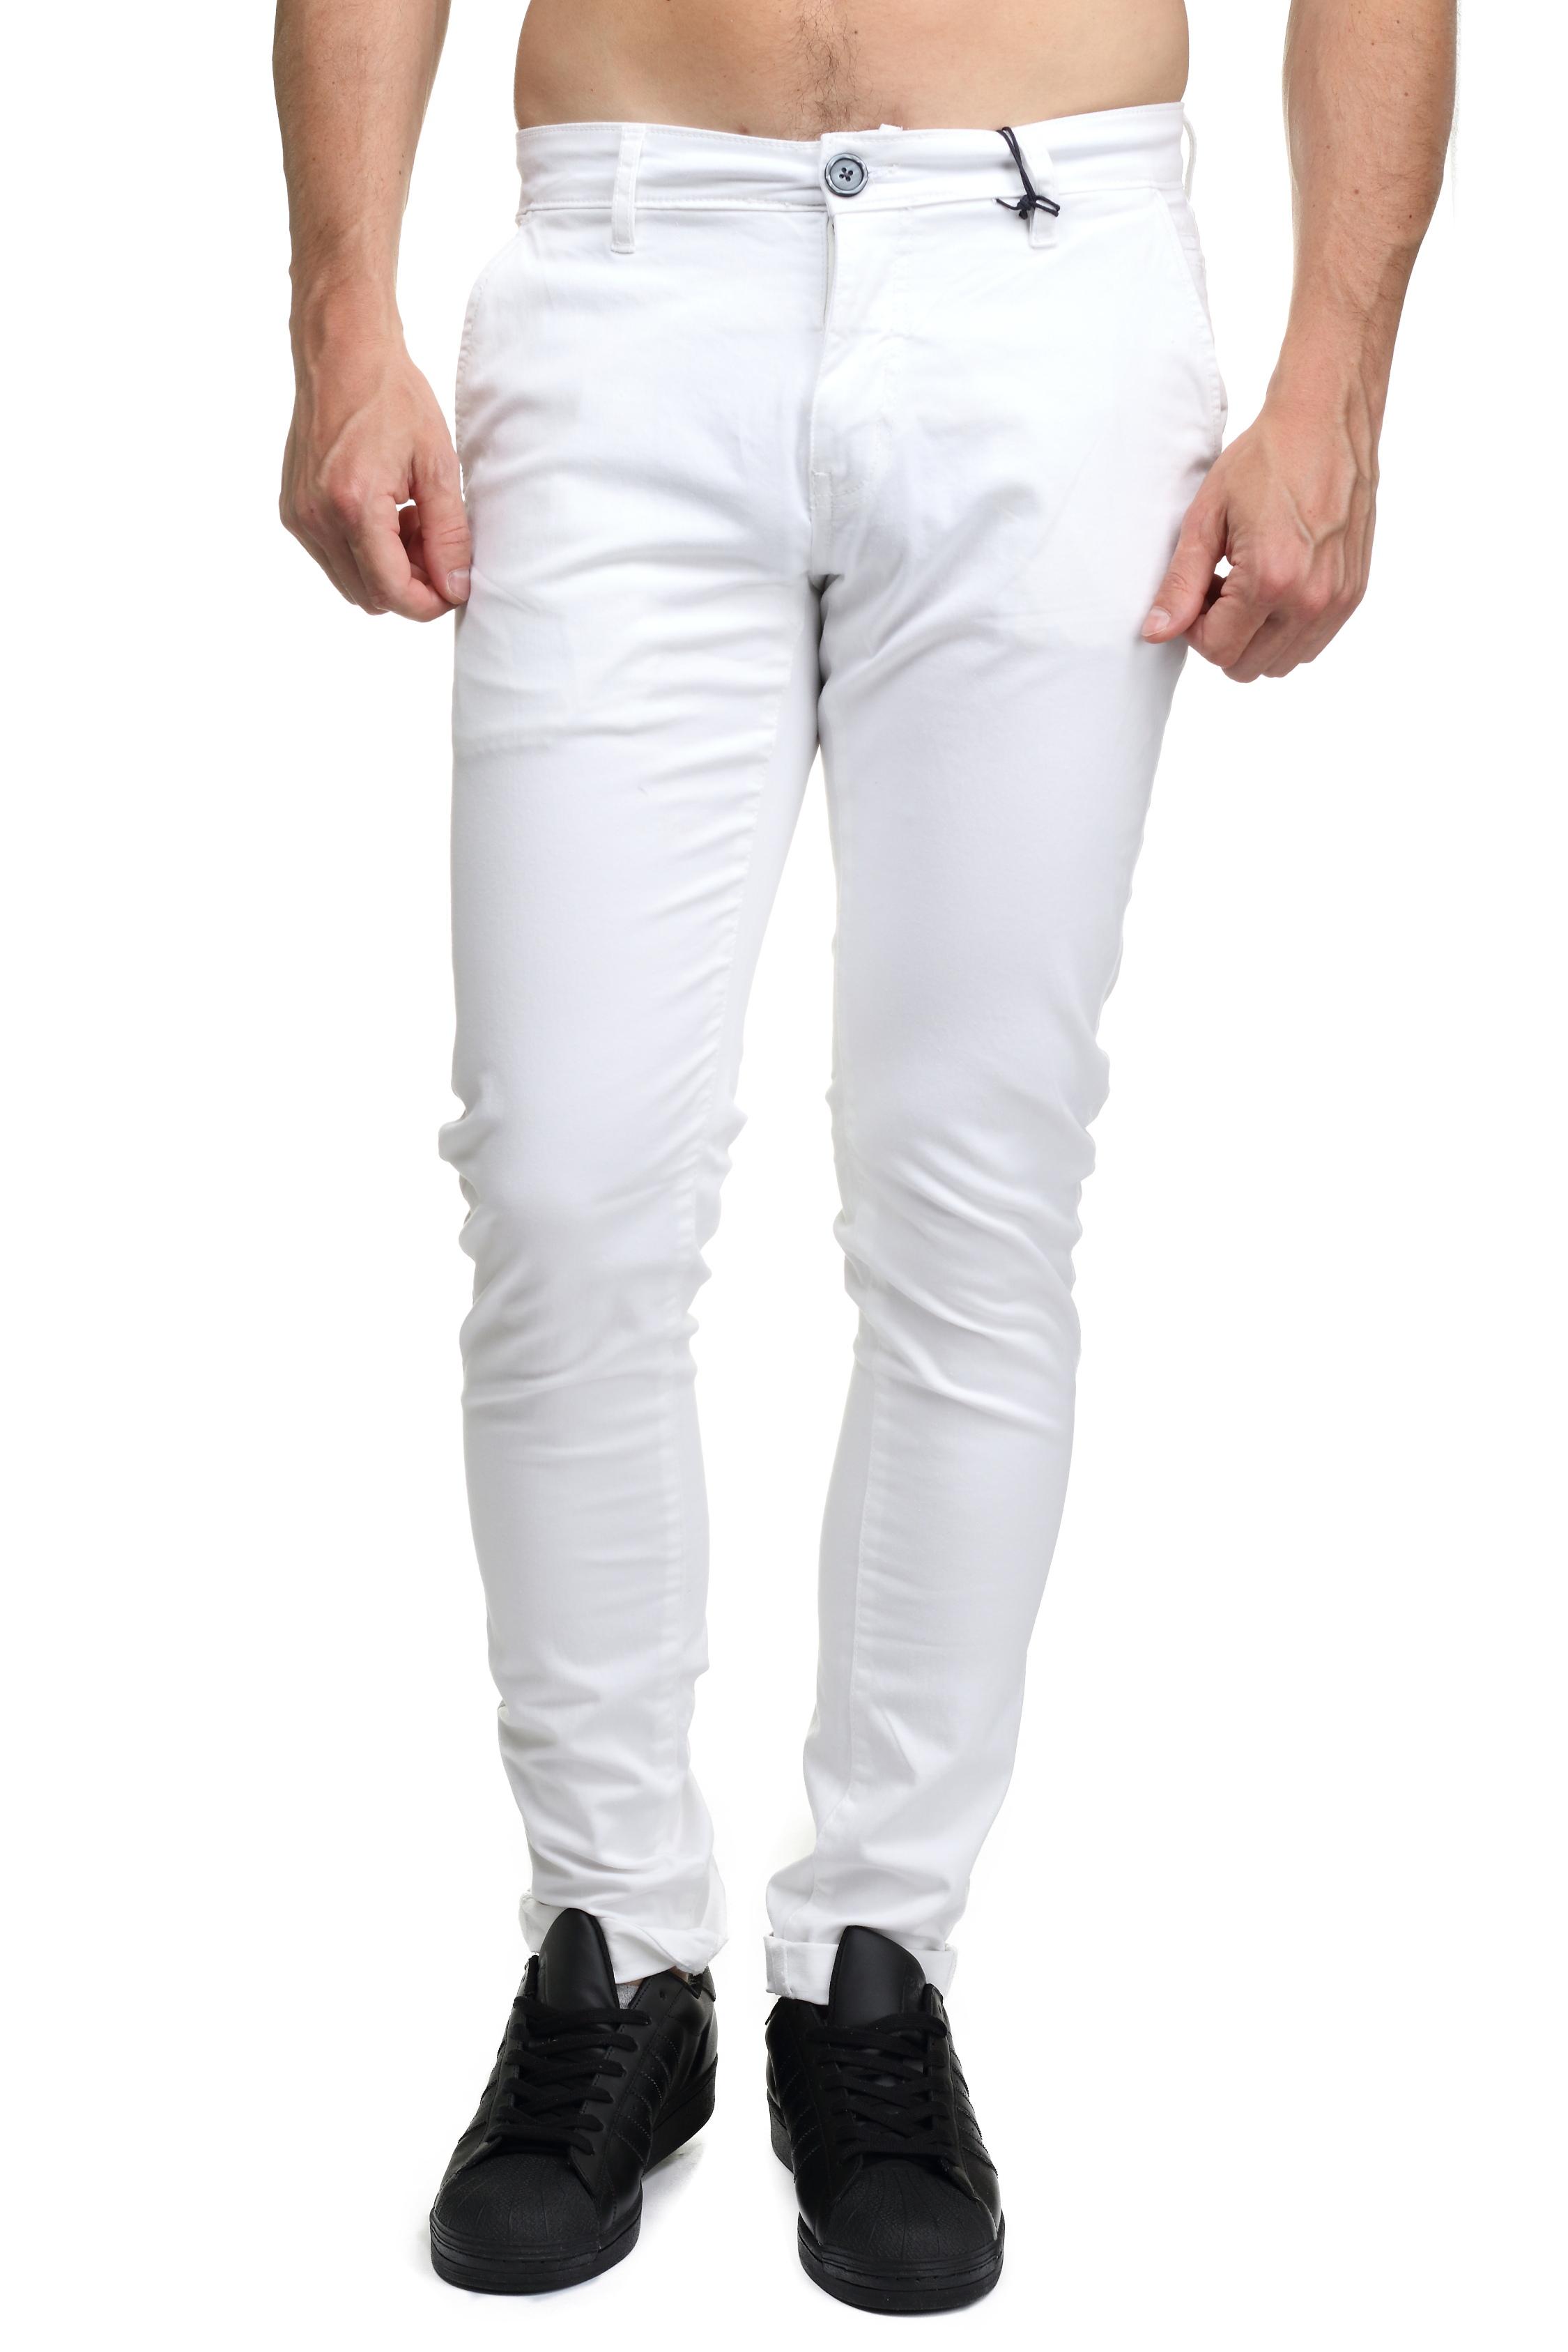 https://www.leadermode.com/206178/leader-mode-college-pant-white.jpg